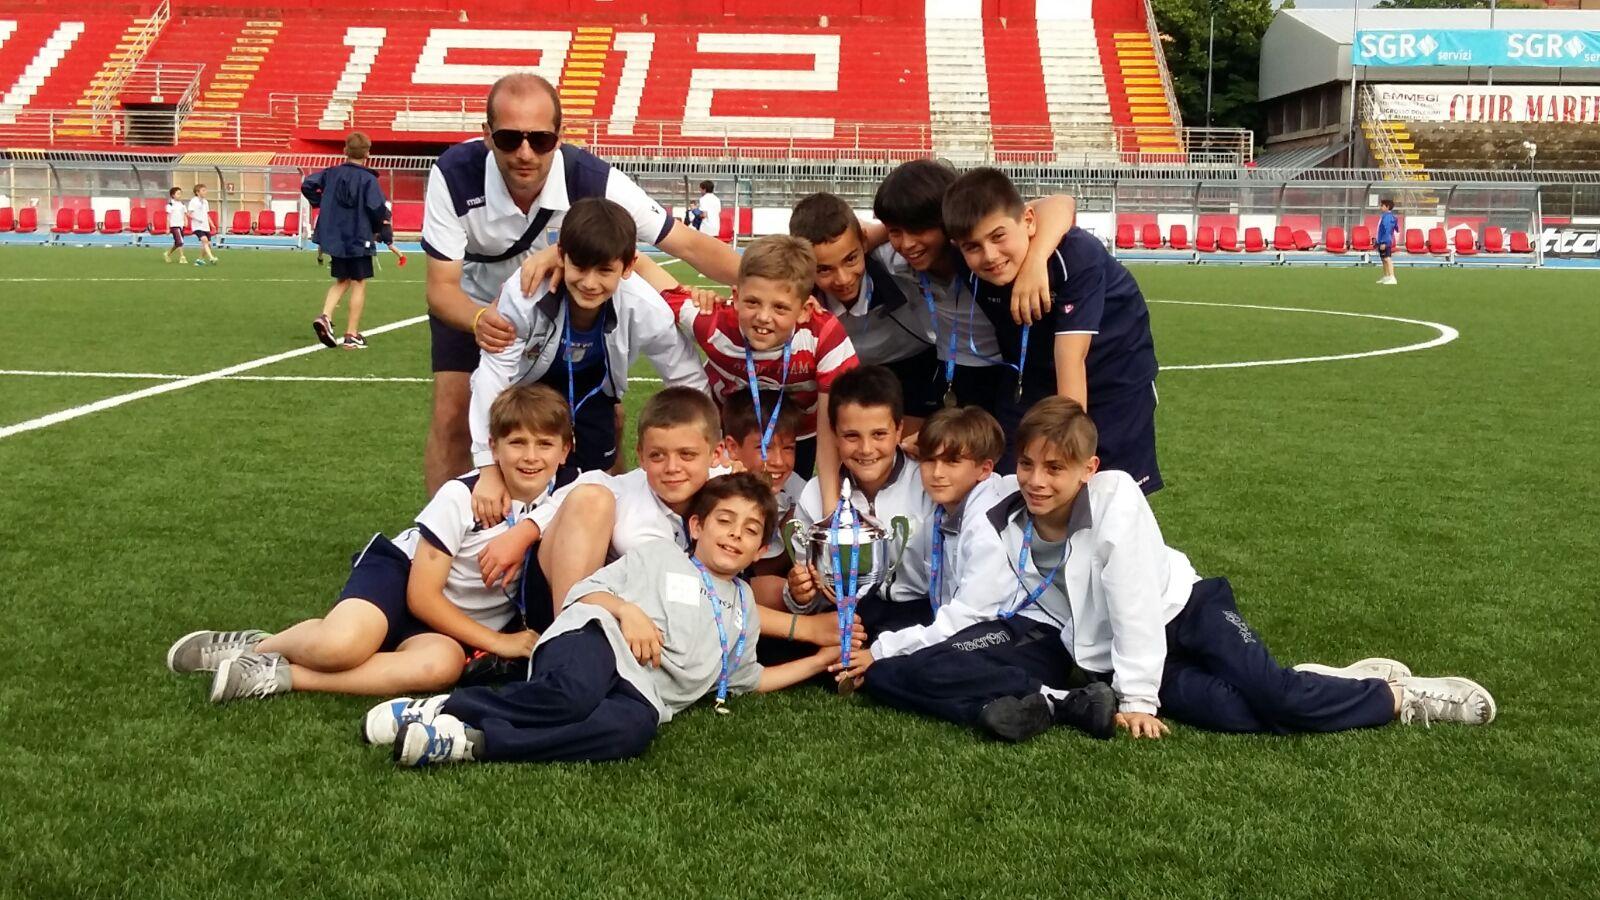 Calcio Per Bambini Rimini : Calcio a cinque rimini modena calcio a u newsrimini